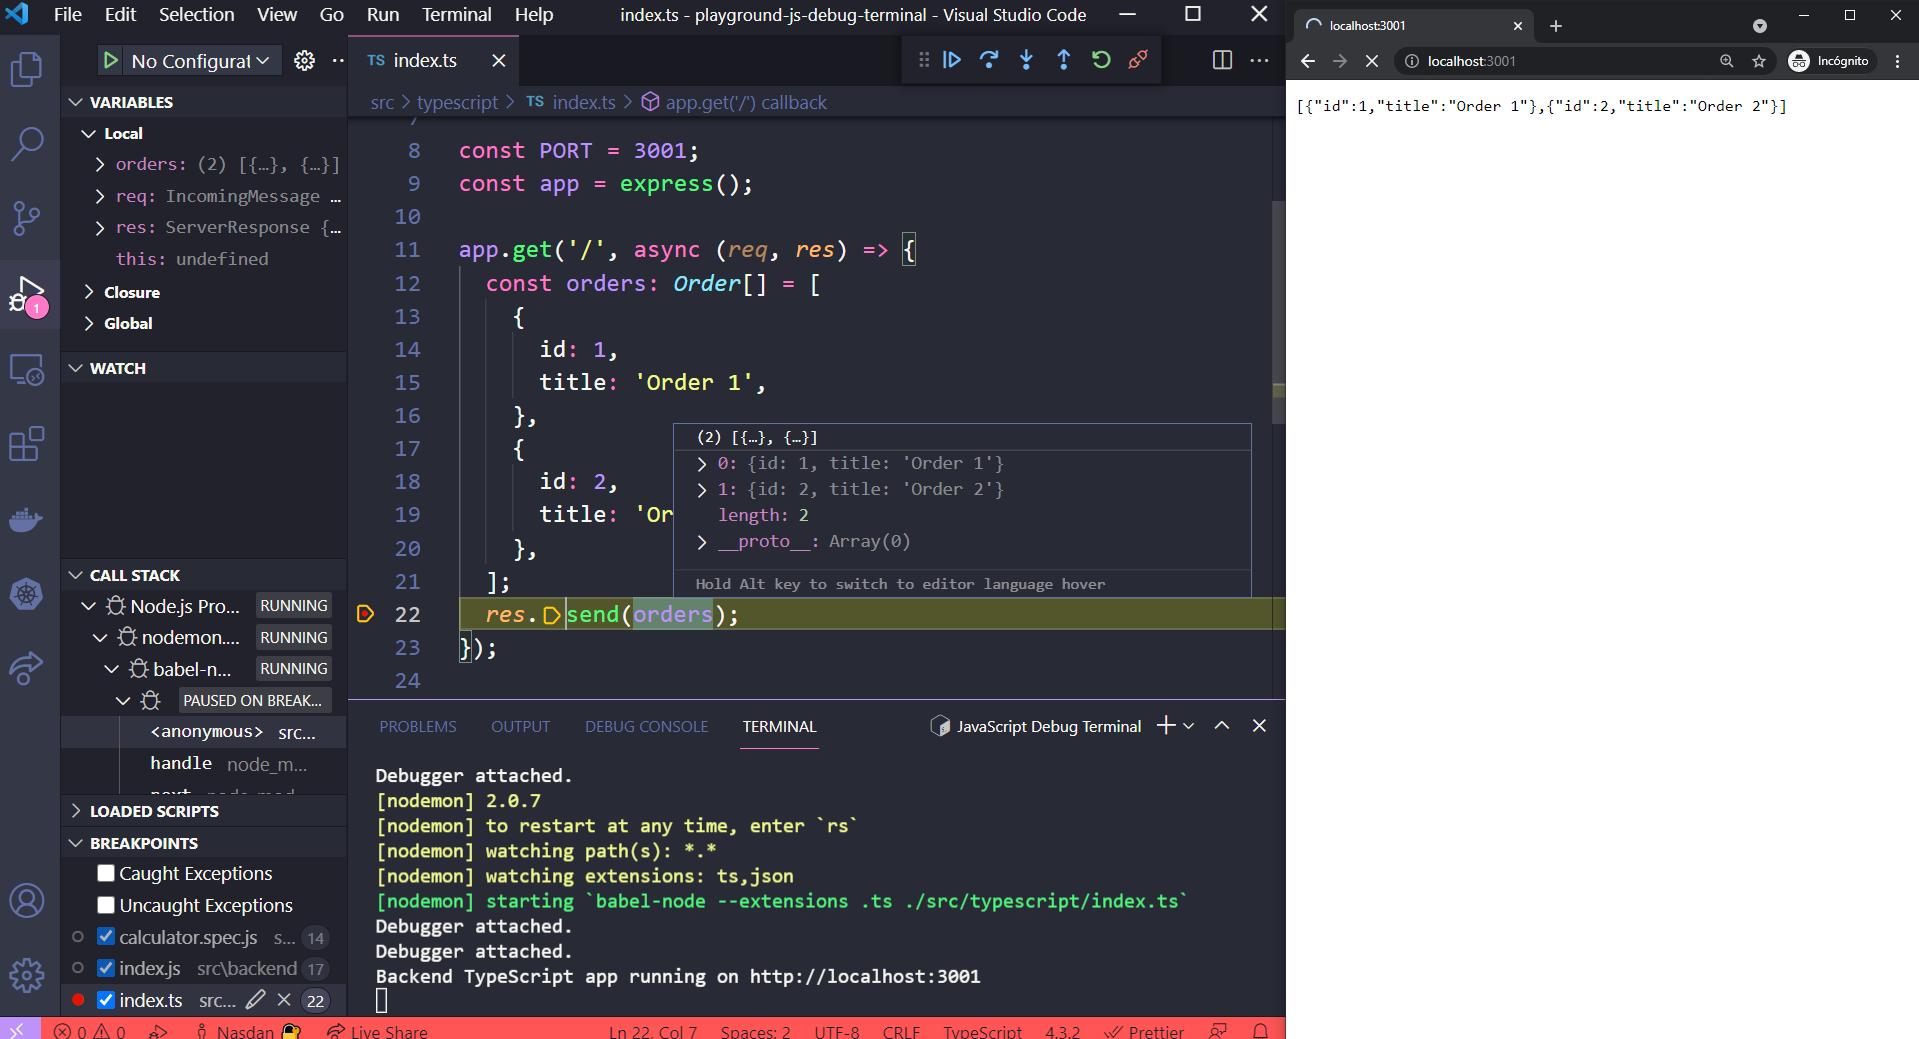 Depurando aplicación backend TypeScript